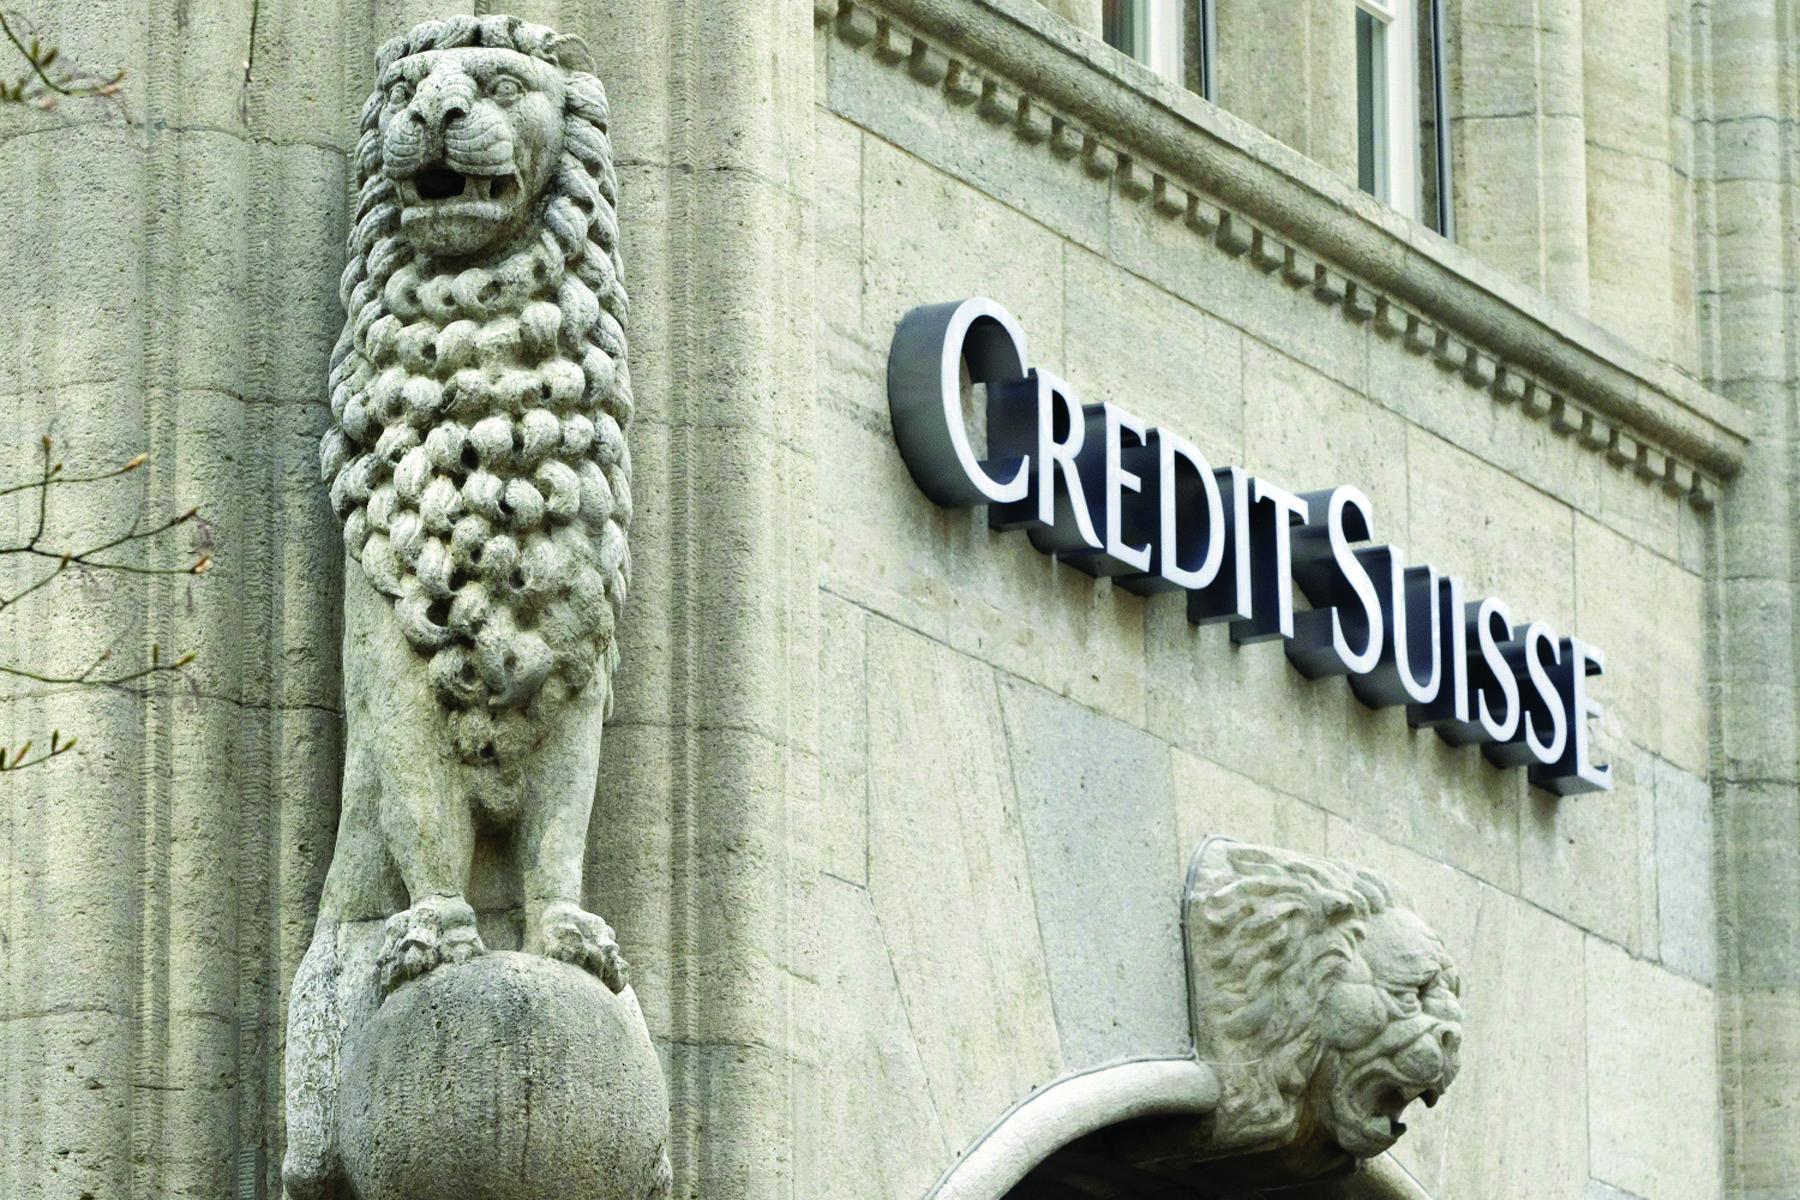 ZHR427 Z⁄RICH (SUIZA) 24/04/2013.- Imagen de archivo distribuida hoy miÈrcoles 23 de abril de 2013 que muestra el logotipo del el segundo mayor banco de Suiza Credit Suisse en Z˙rich, Suiza, el 3 de abril de 2012. Credit Suisse tuvo un beneficio neto de 1.303 millones de francos suizos (1.065 millones de euros) en el primer trimestre del aÒo, frente a los 44 millones de francos (35 millones de euros) que registrÛ en el mismo periodo de 2012, informÛ hoy la entidad. Este resultado supera las previsiones de los analistas. En el ˙ltimo trimestre de 2012, la entidad ganÛ 263 millones de francos suizos (214 millones de euros al cambio actual), aÒadiÛ. EFE/Alessandro Della Bella